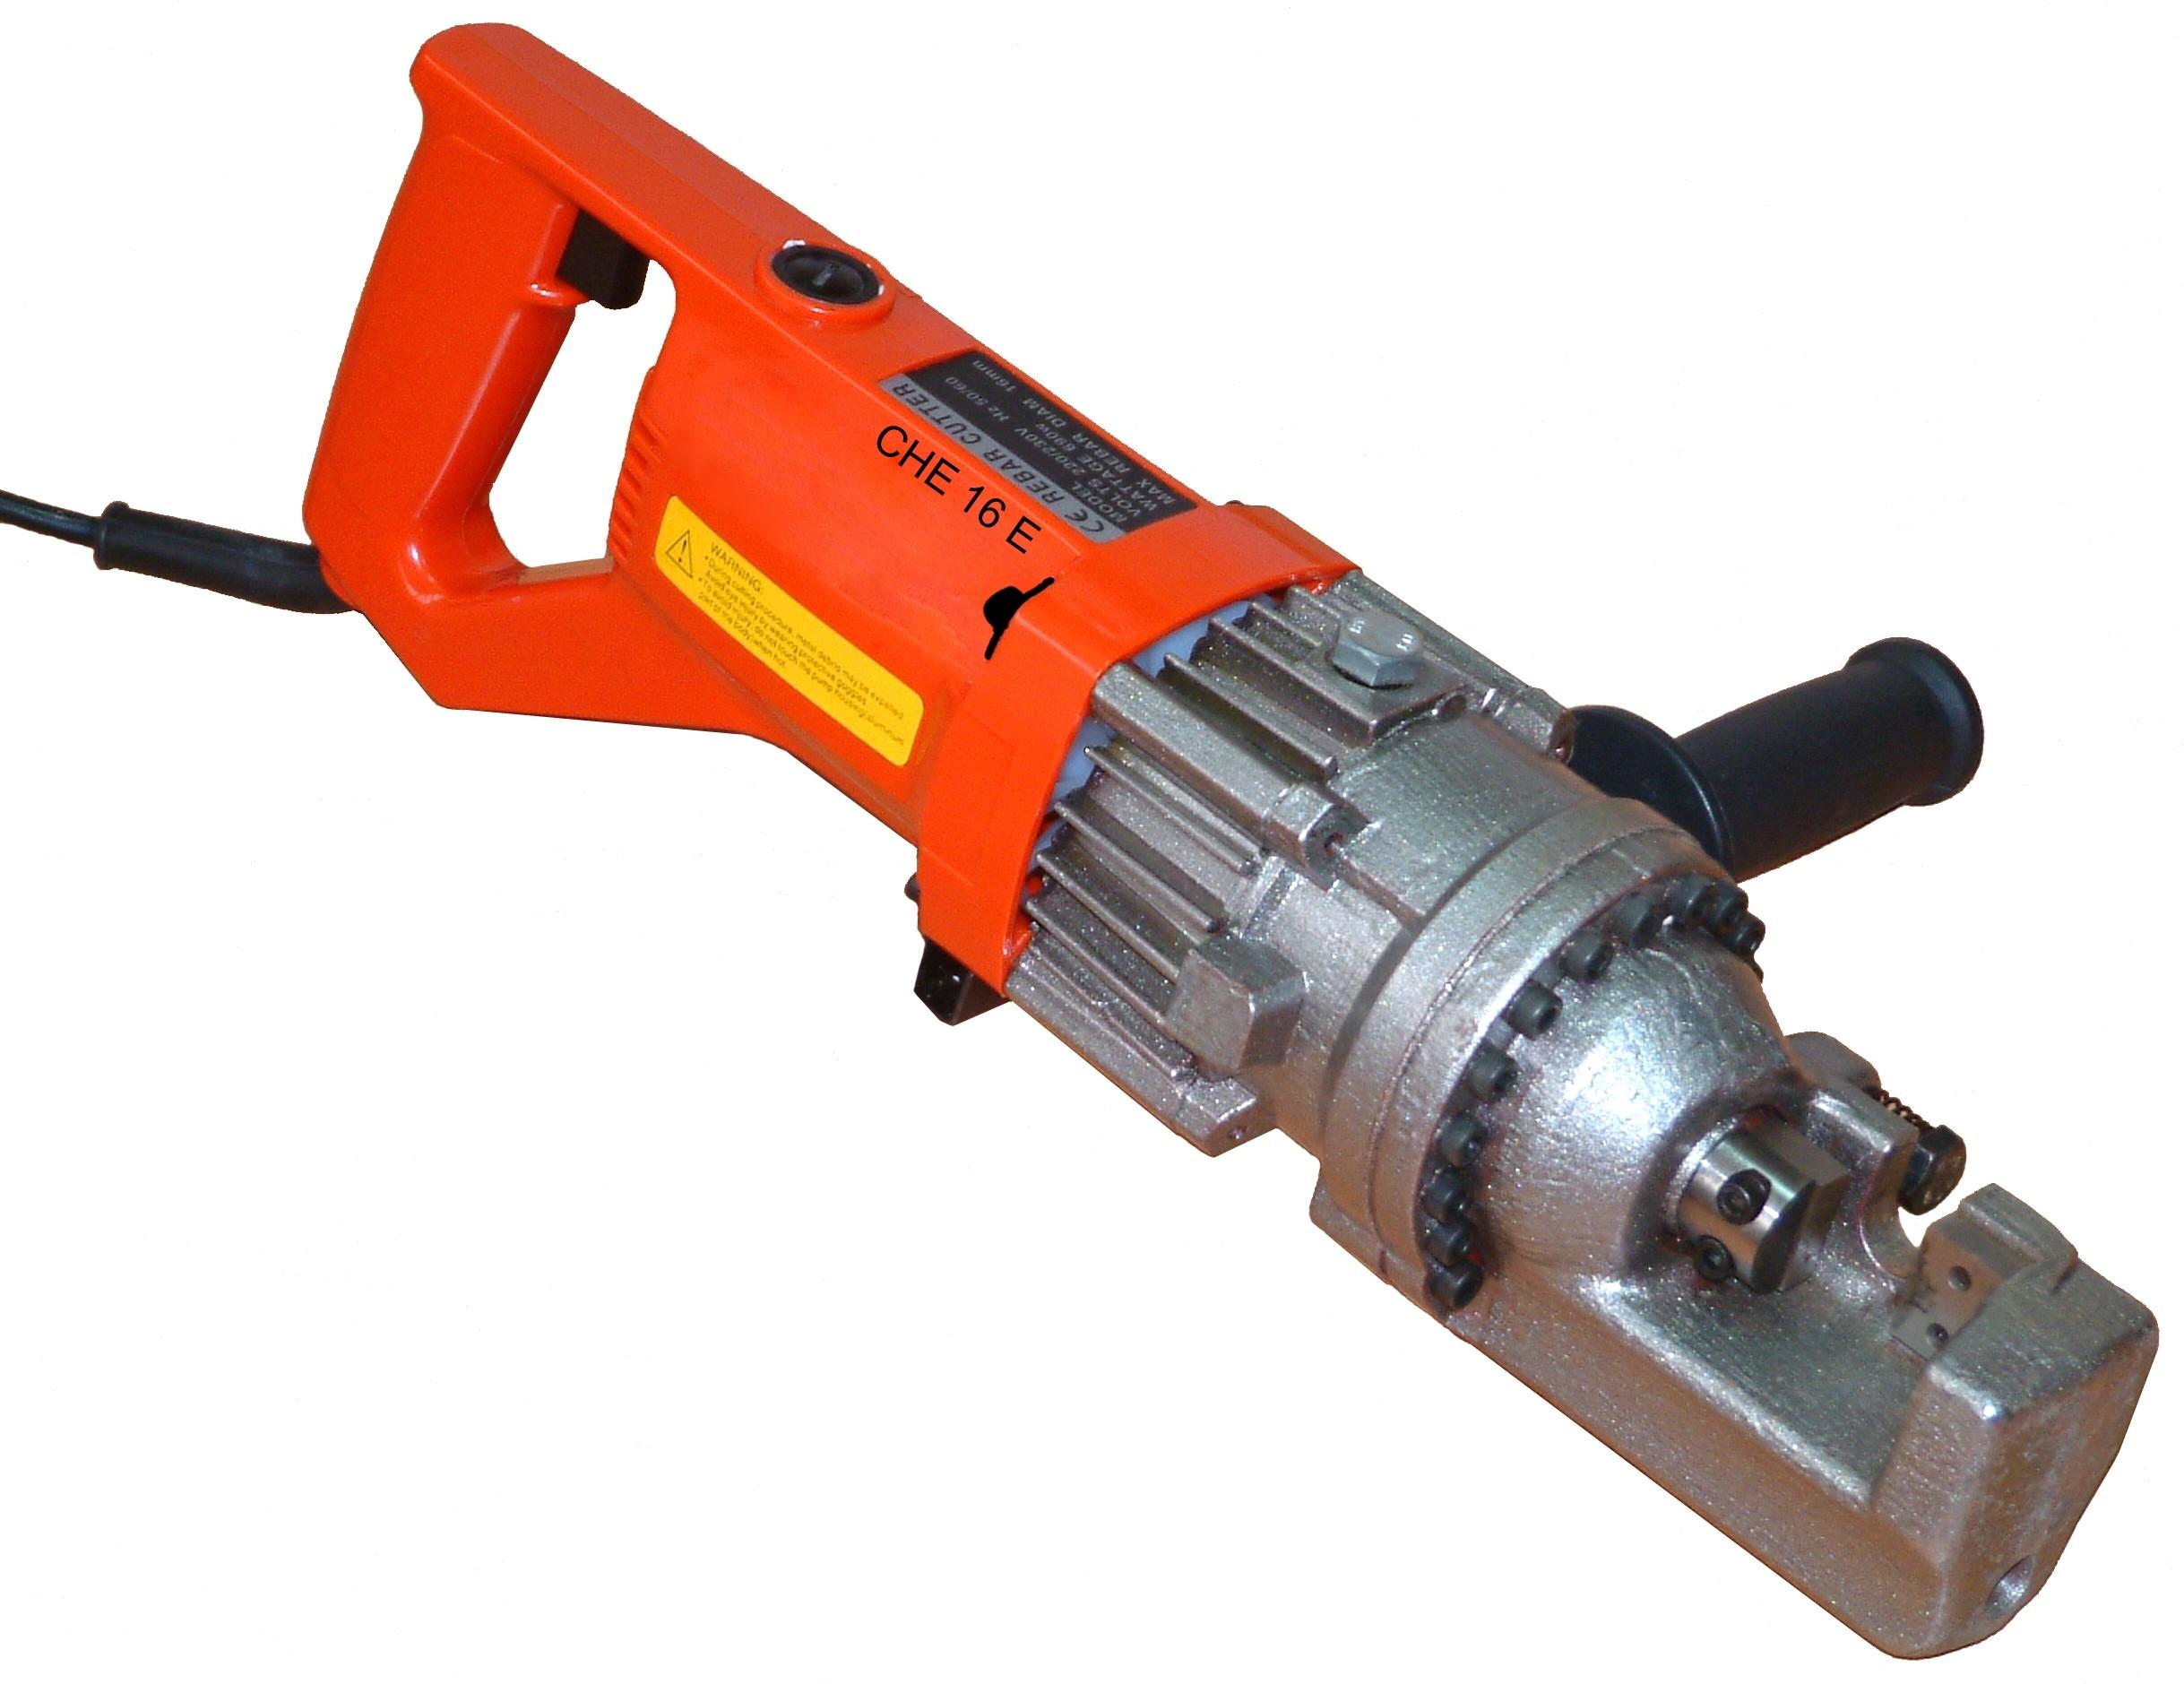 La cisaille hydraulique électrique coupe de l'acier jusqu'à 25 mm.